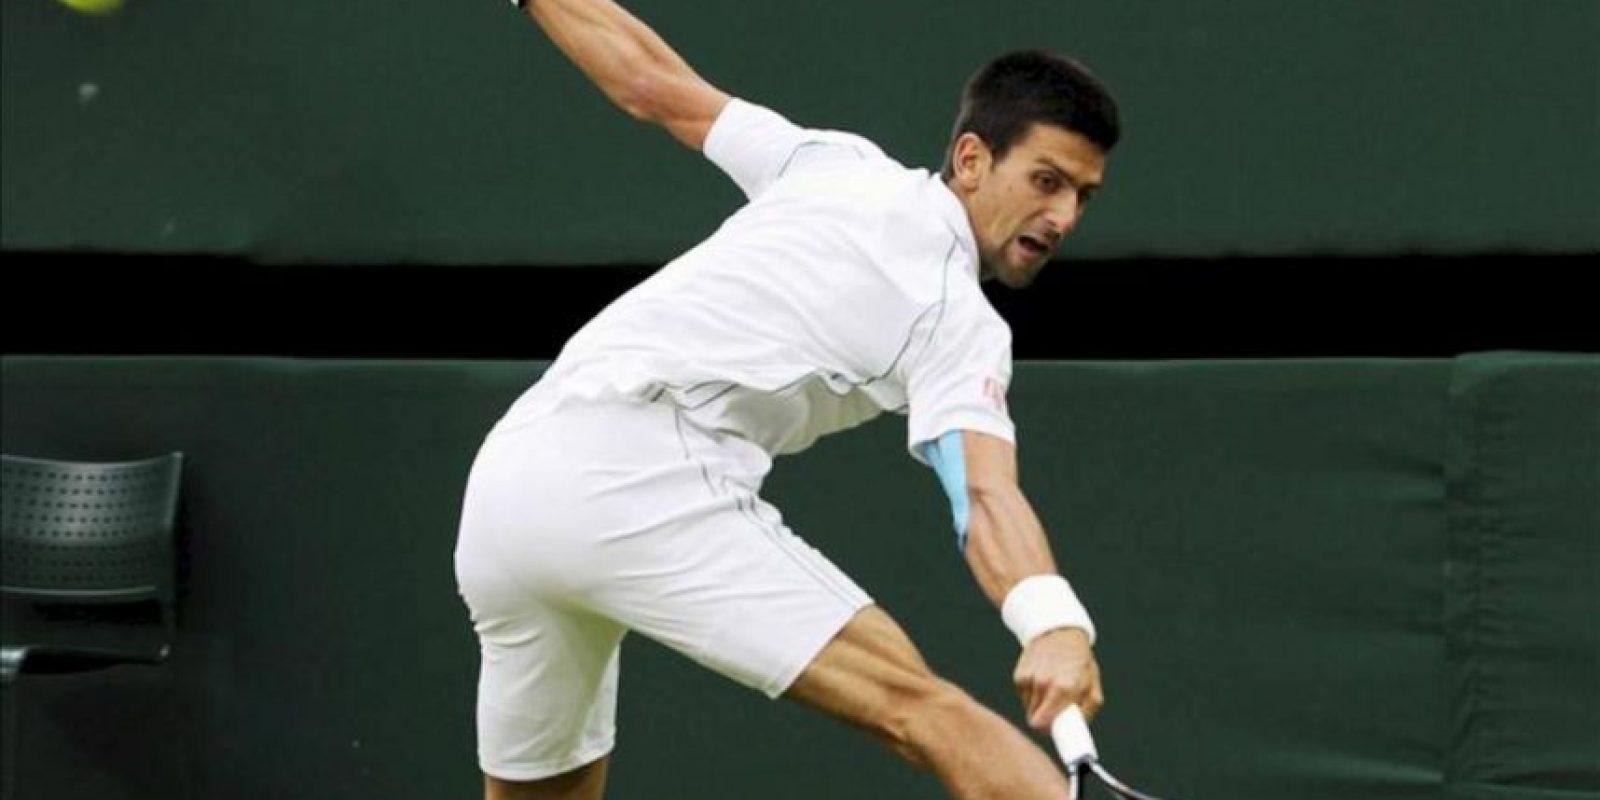 El tenista serbio Novak Djokovic devuelve la bola al checo Radek Stepanek durante un partido de tercera ronda del torneo de tenis de Wimbledon disputado en el All England Lawn Tennis Club de Londres (Reino Unido). EFE